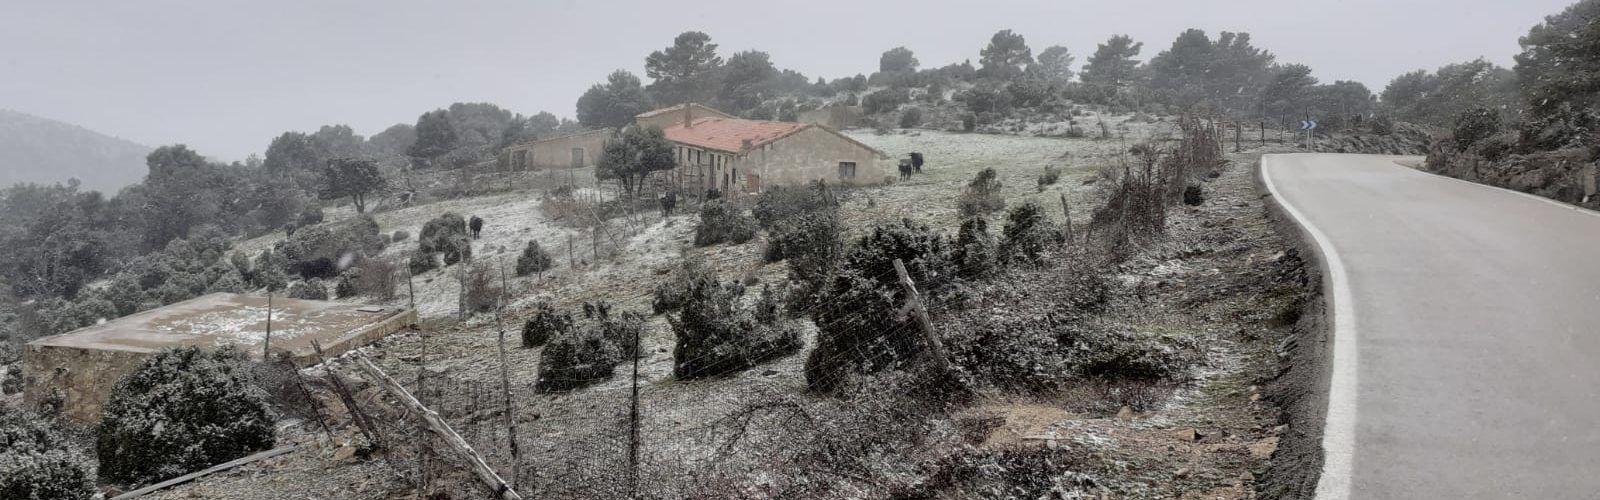 Torna la neu a Els Ports i la Tinença